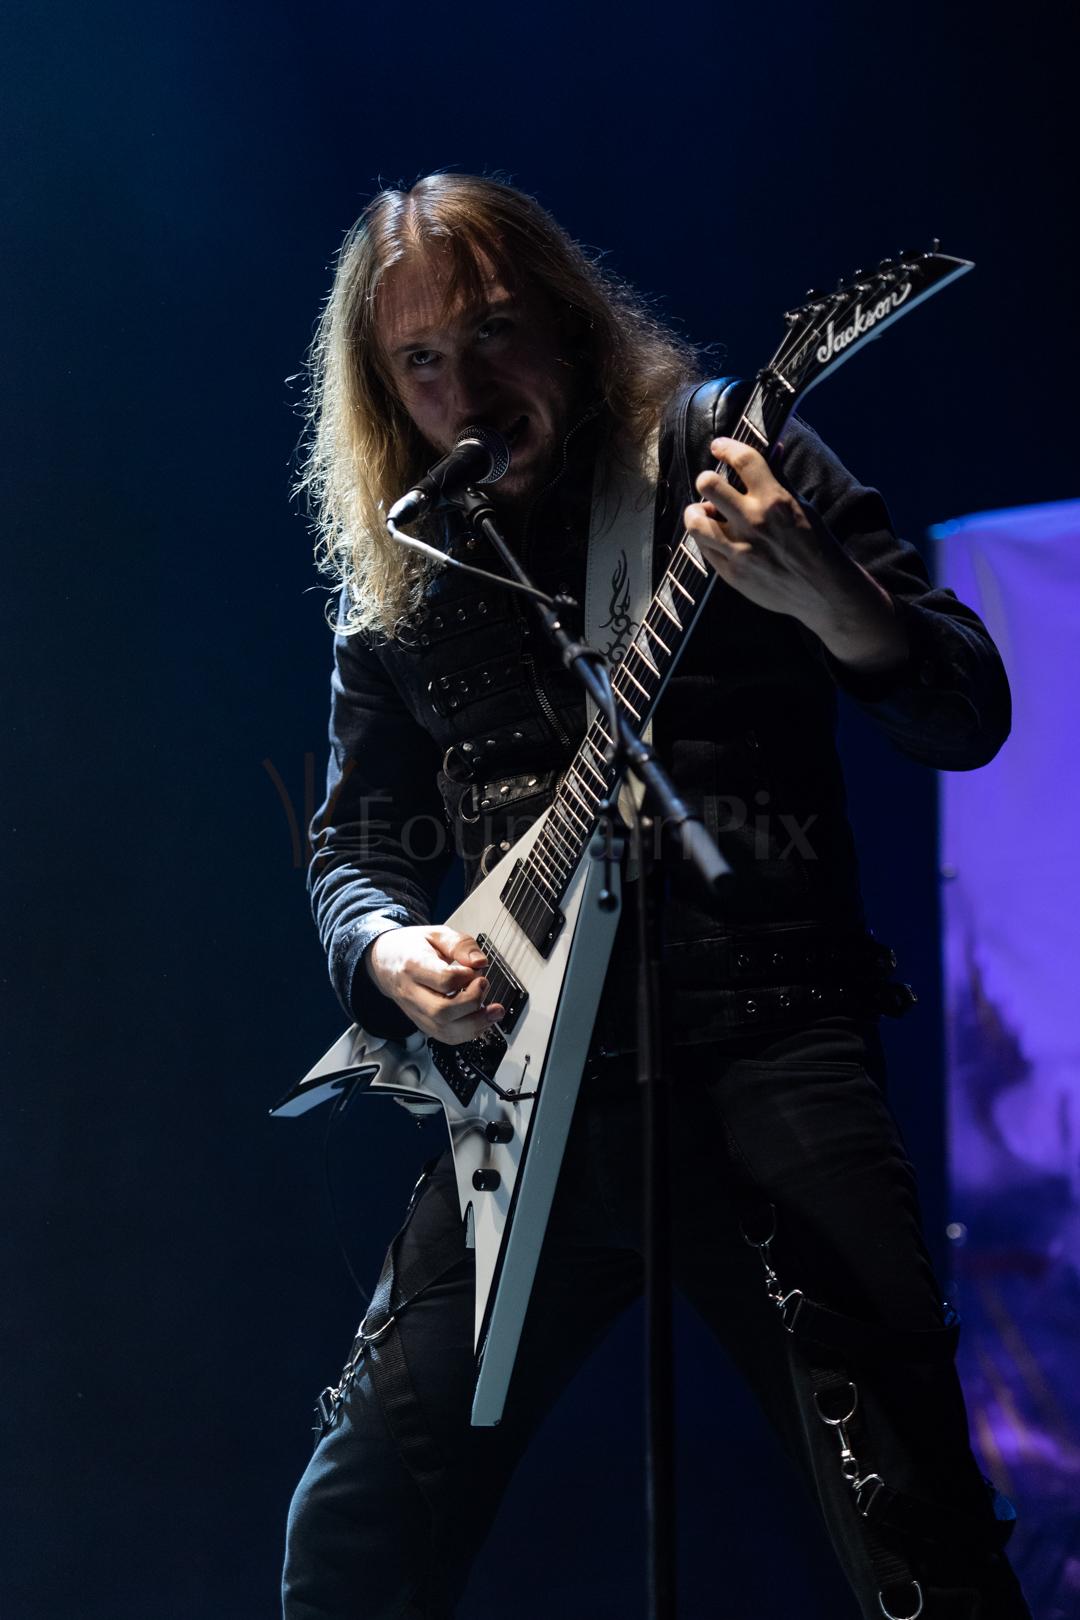 18 Anton Kabanen